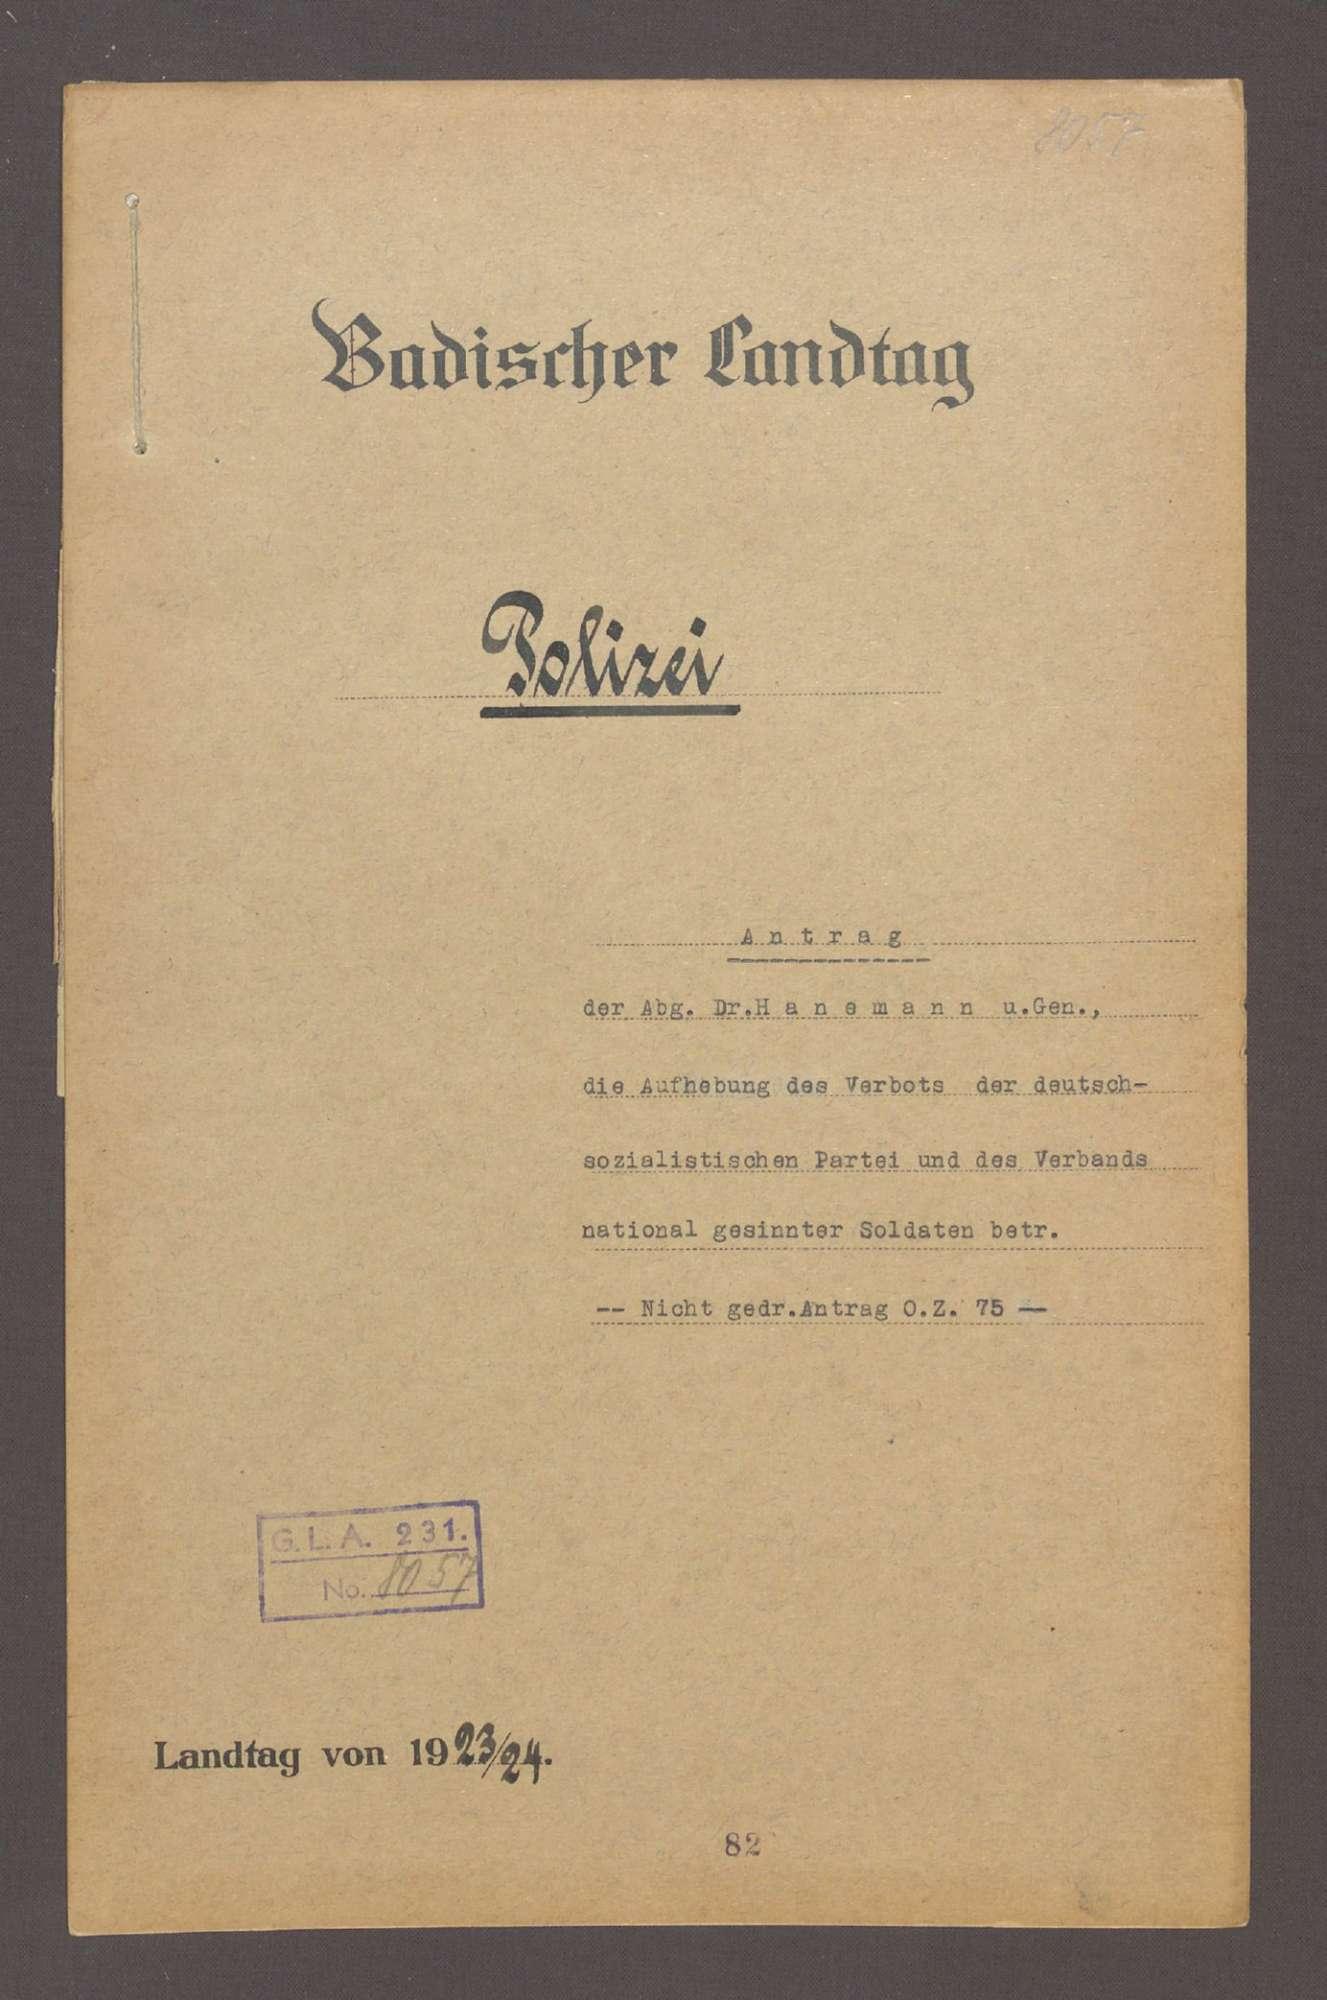 Antrag der Abg. Dr. Hanemann und Gen., die Aufhebung des Verbots der deutschsozialistischen Partei und des Verbands national gesinnter Soldaten betr. -Nicht gedr. Antrag. 75-, Bild 1